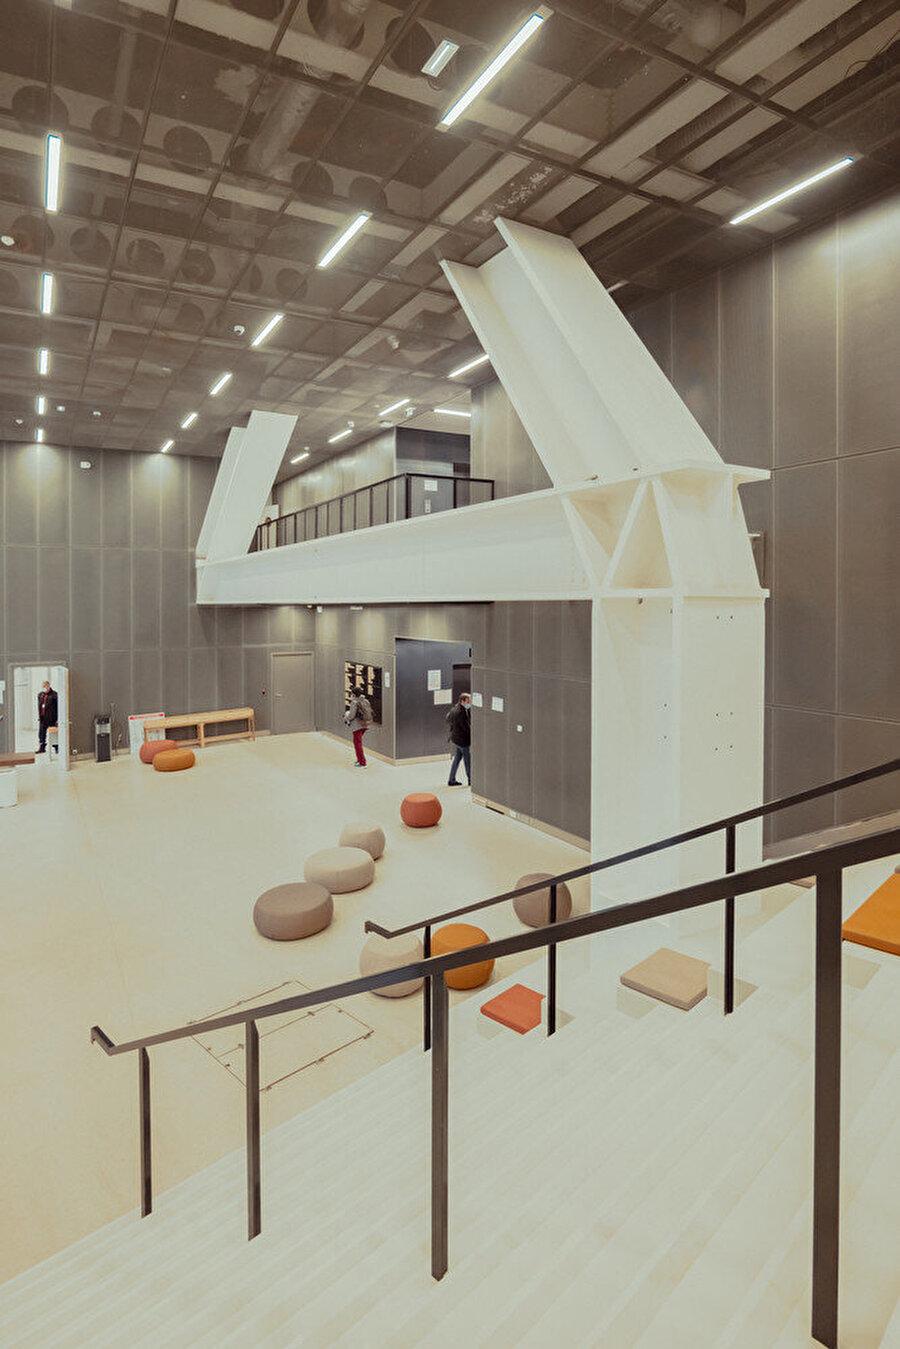 Proje içerisinde farklı işlevlere hizmet edebilecek, alışılmışın dışında toplantı odaları bulunuyor.